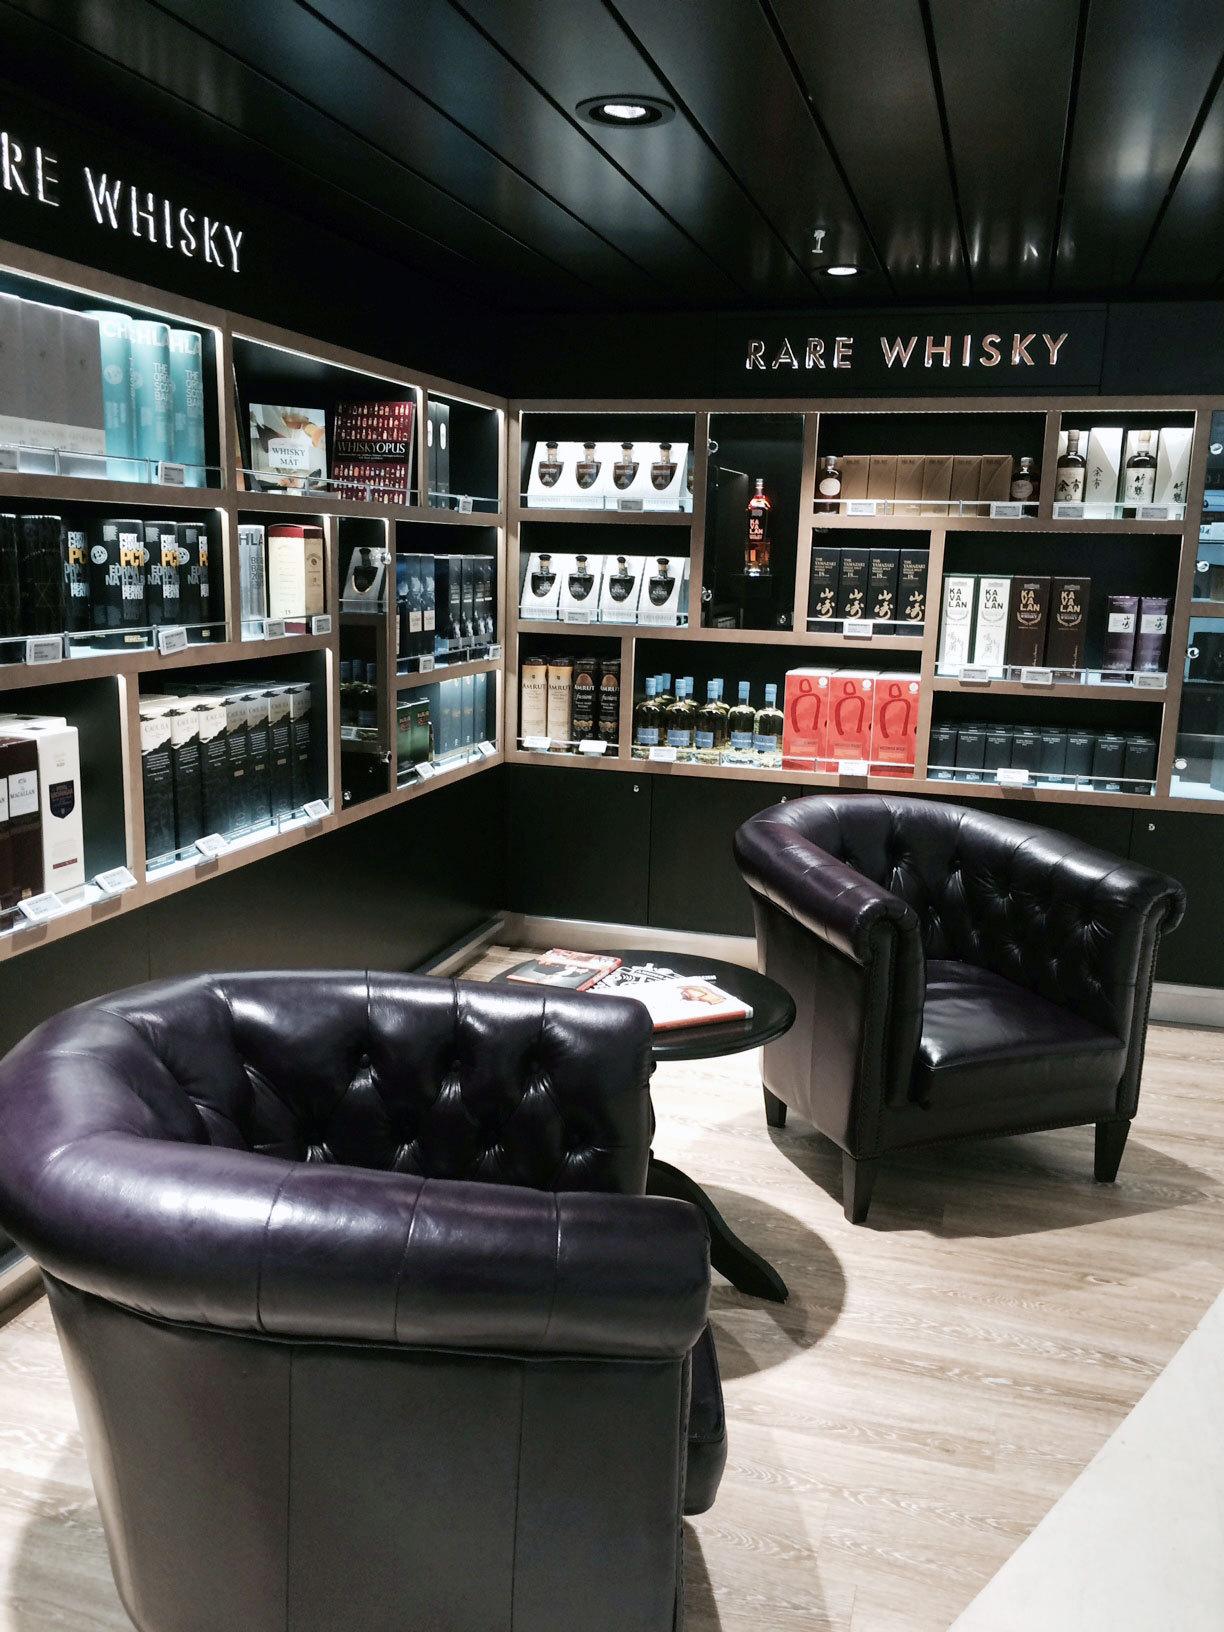 Whisky säljer allt bättre i taxfreebutiken, som nu är på 1000 kvadratmeter.